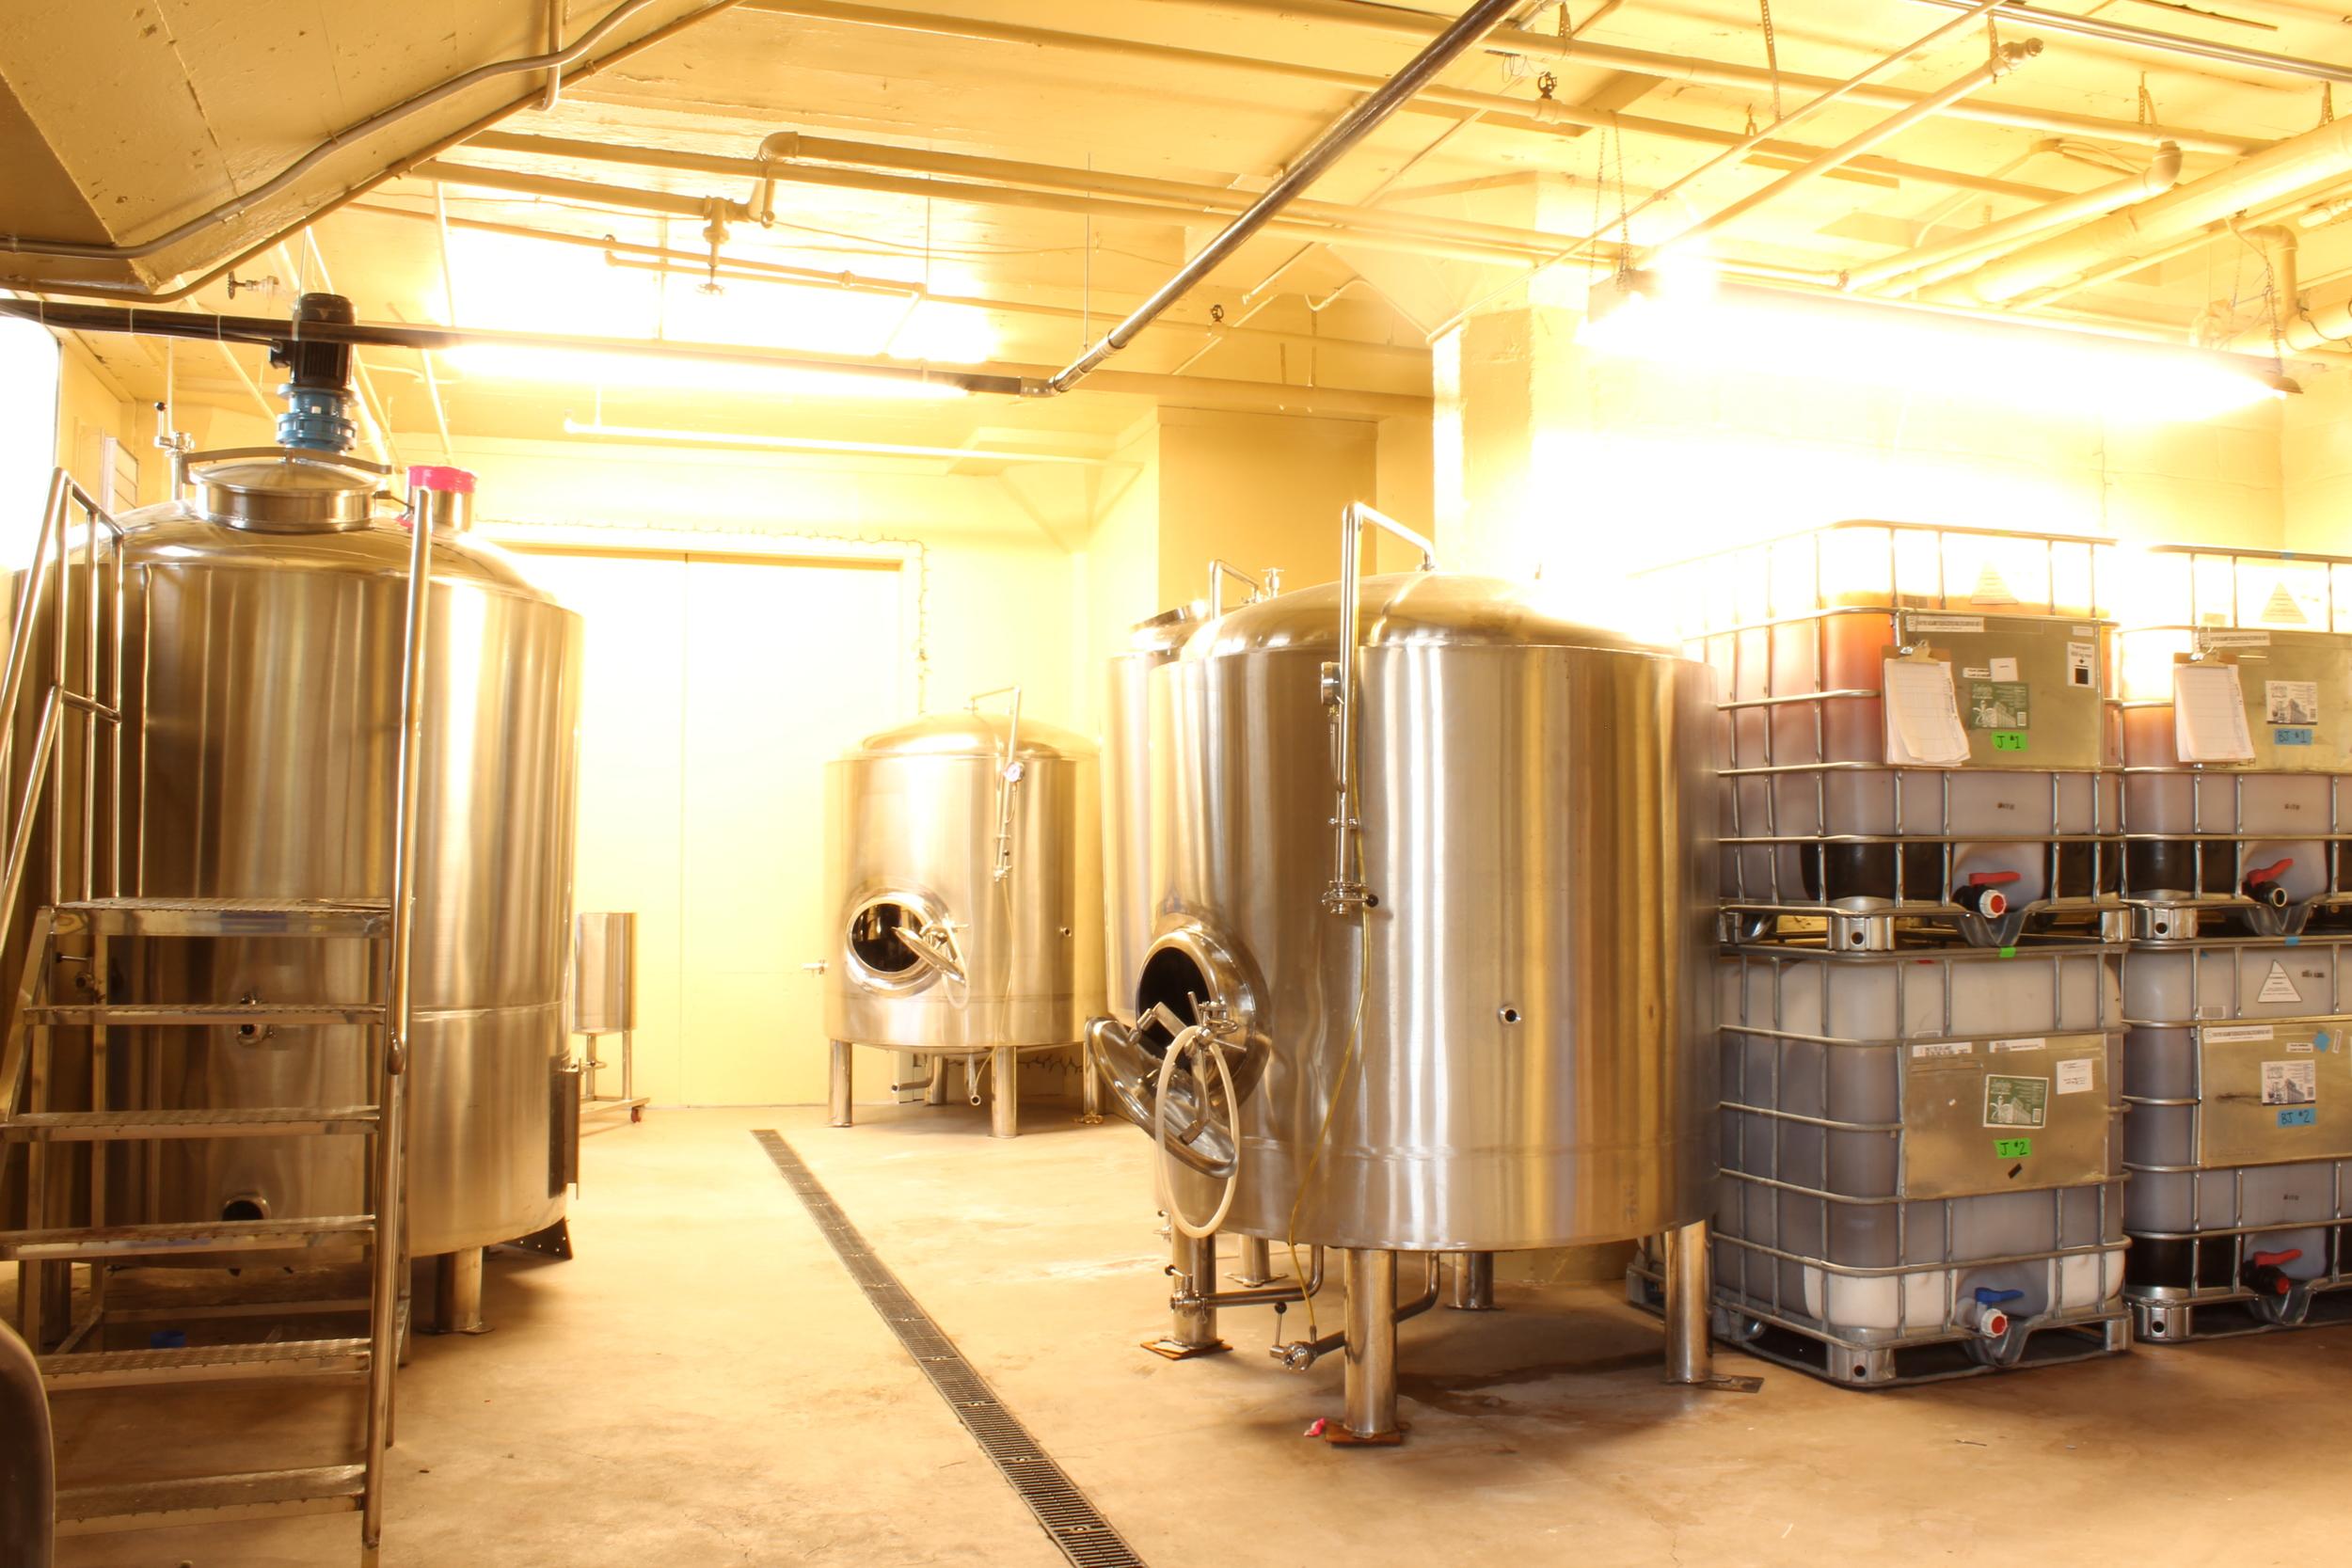 KT_breweryexpansion1.JPG